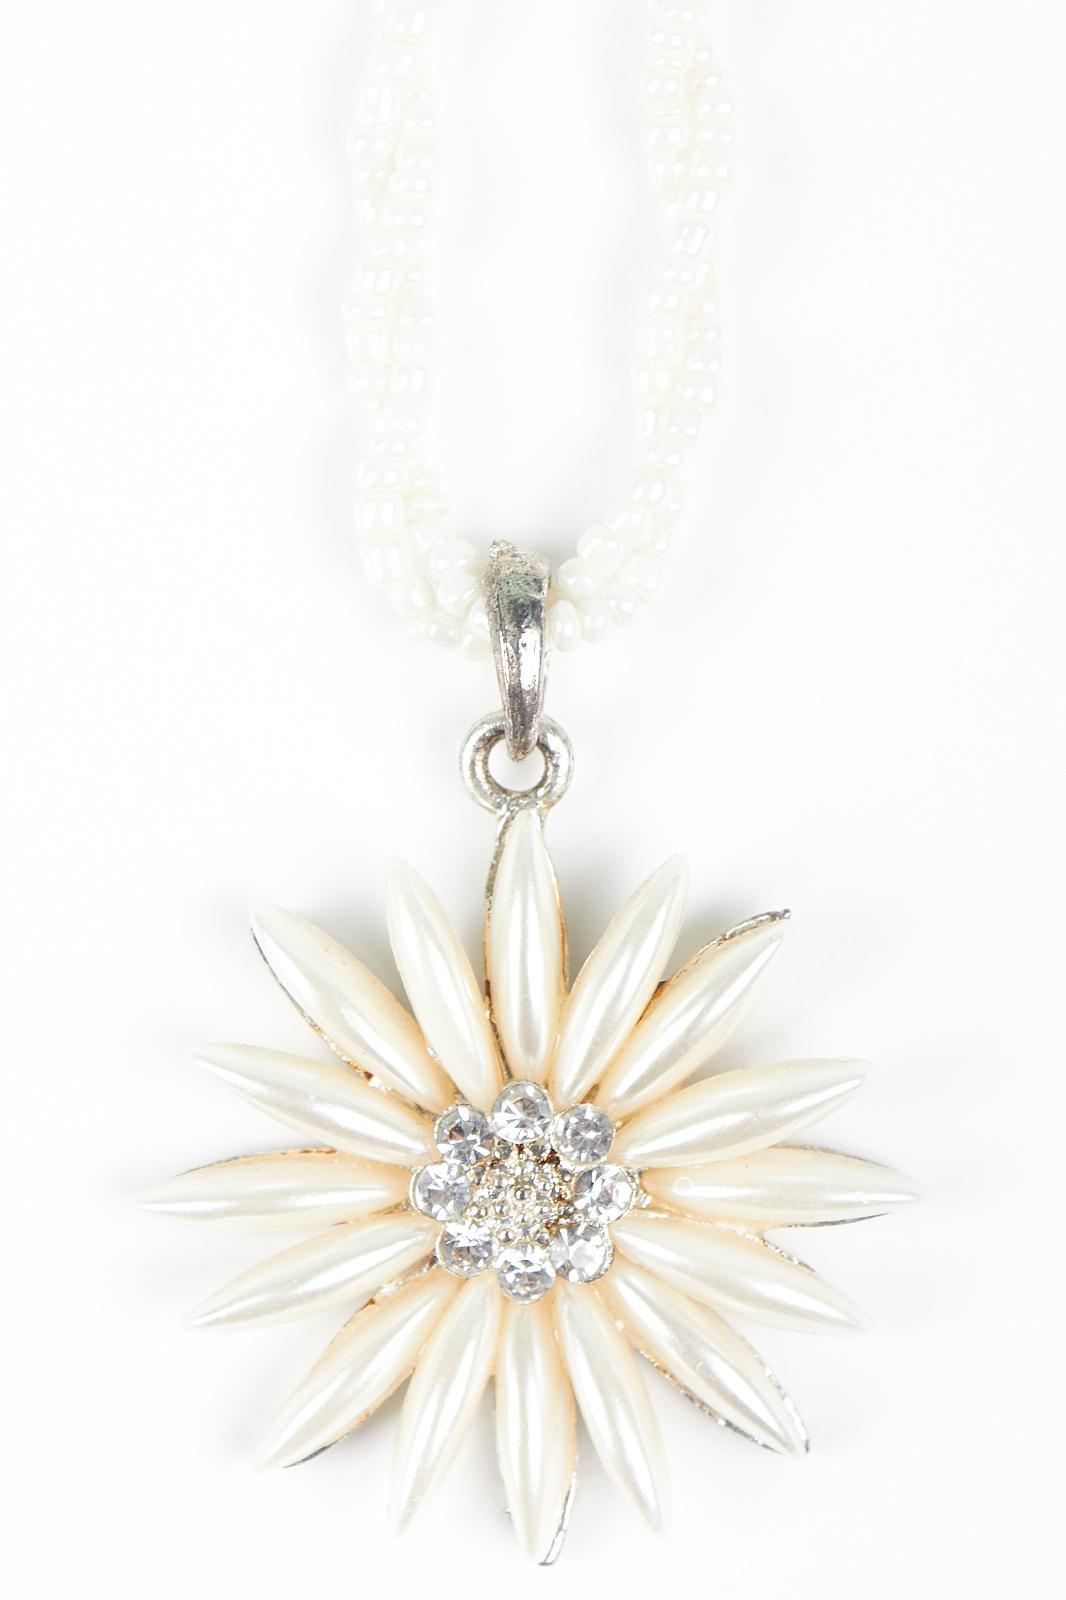 Купить Подвеска Fashion Jewelry, Подвеска цветок 1 белый, Китай